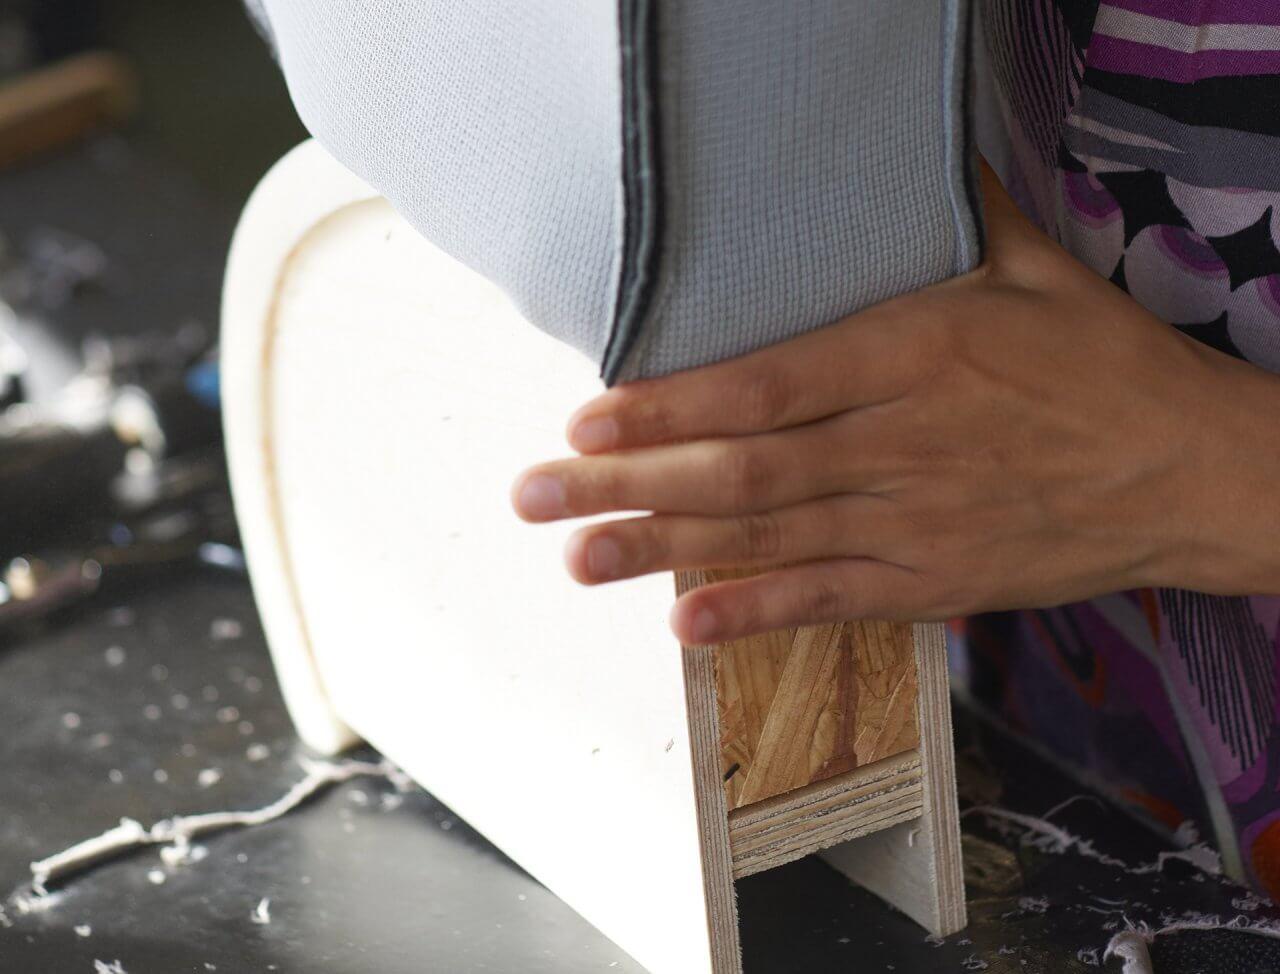 Kleslo - Leader de fabrication de fauteuils cinéma, théâtre ... habillage